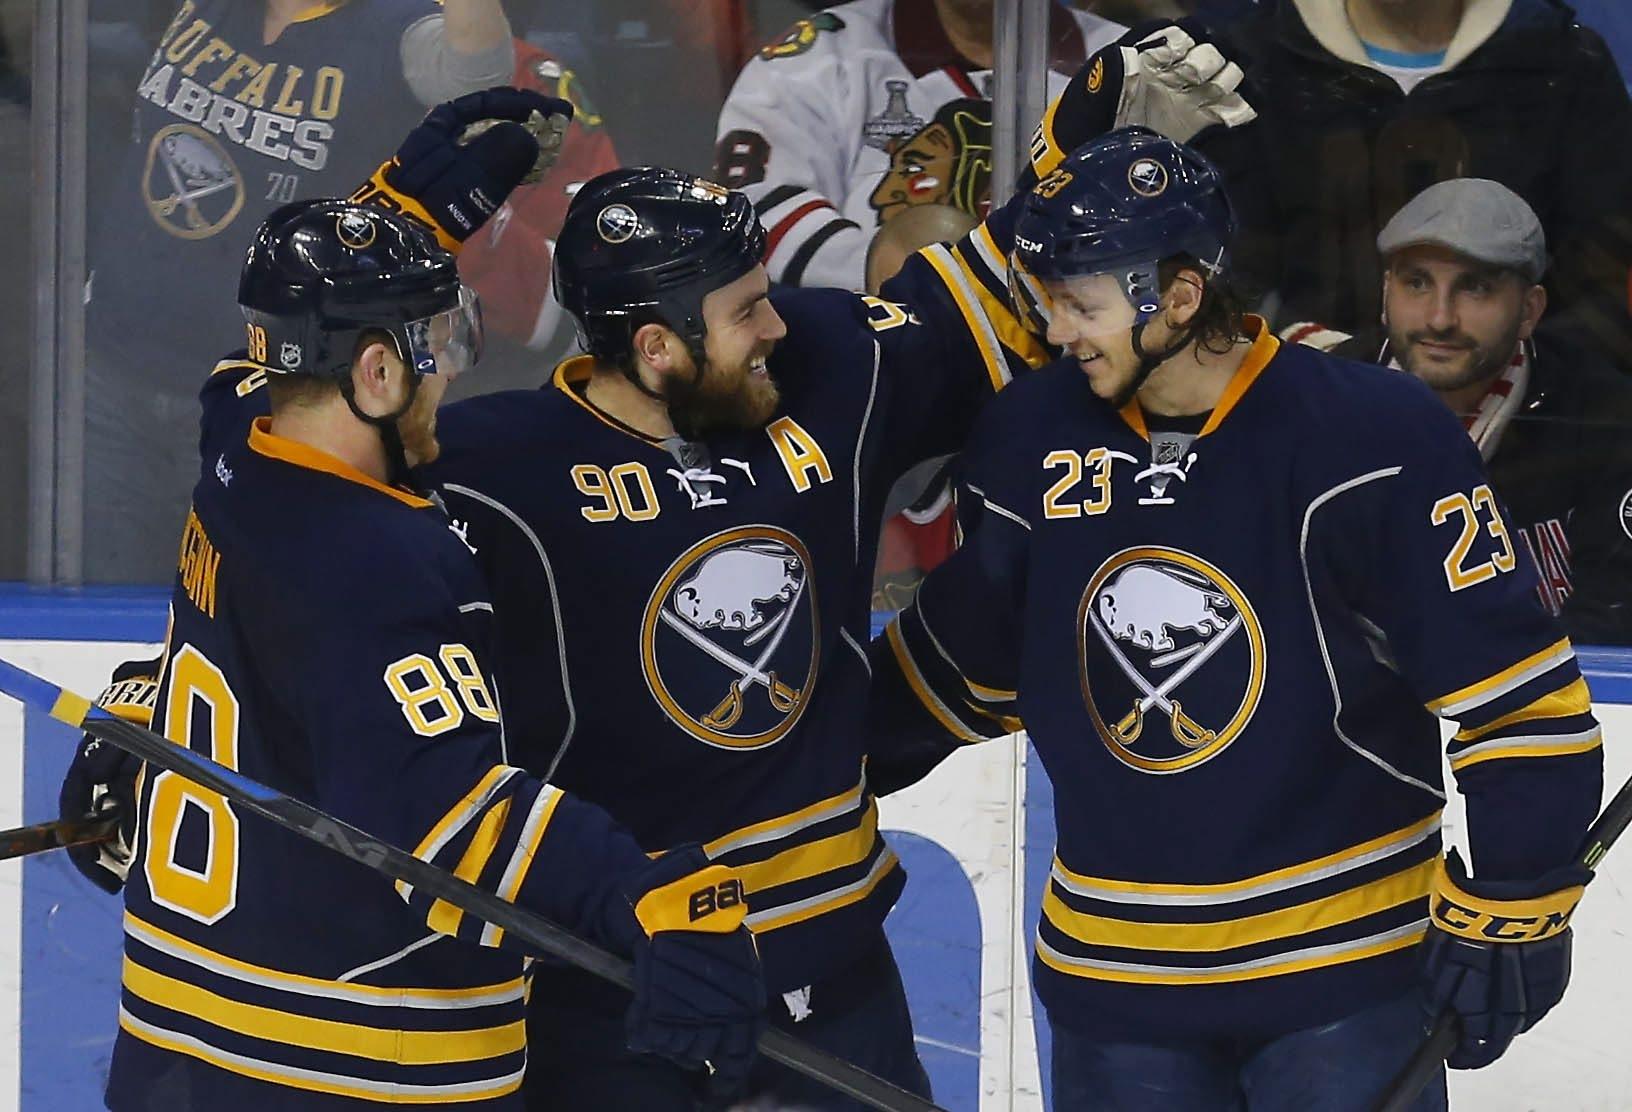 The Sabres' Ryan O'Reilly celebrates a goal earlier this season. (Mark Mulville/Buffalo News)